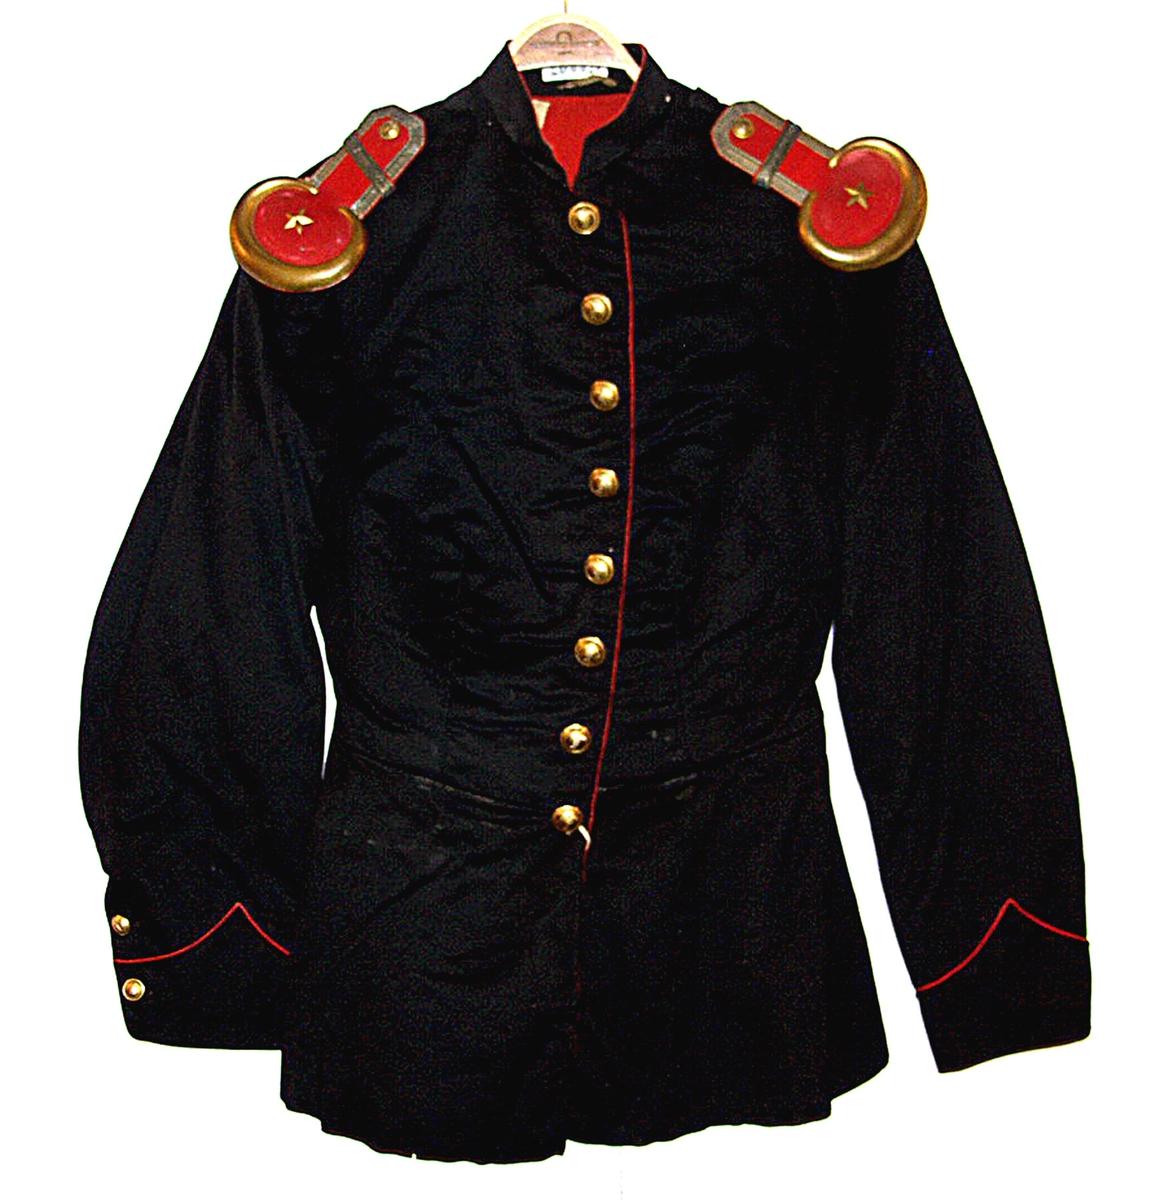 Løytnants uniform:jakke og lue.  Giver. Dr. Dørum, Elverum. Frivilig i krig 1864.  Høy lue (sjakot eller sjakå) brukt 1810-1870, stivet med skjold og kokande knapp med 1 dusk på toppen.  Jakke. rødt for, rød biser, linfor i ermer.  8 knapper i messing. Hoftestykke med splitt. M. B. og 2 lommer, 6 pynte knapper. Ermer med albuesøm. Mansjett med splitt, 2 knapper.